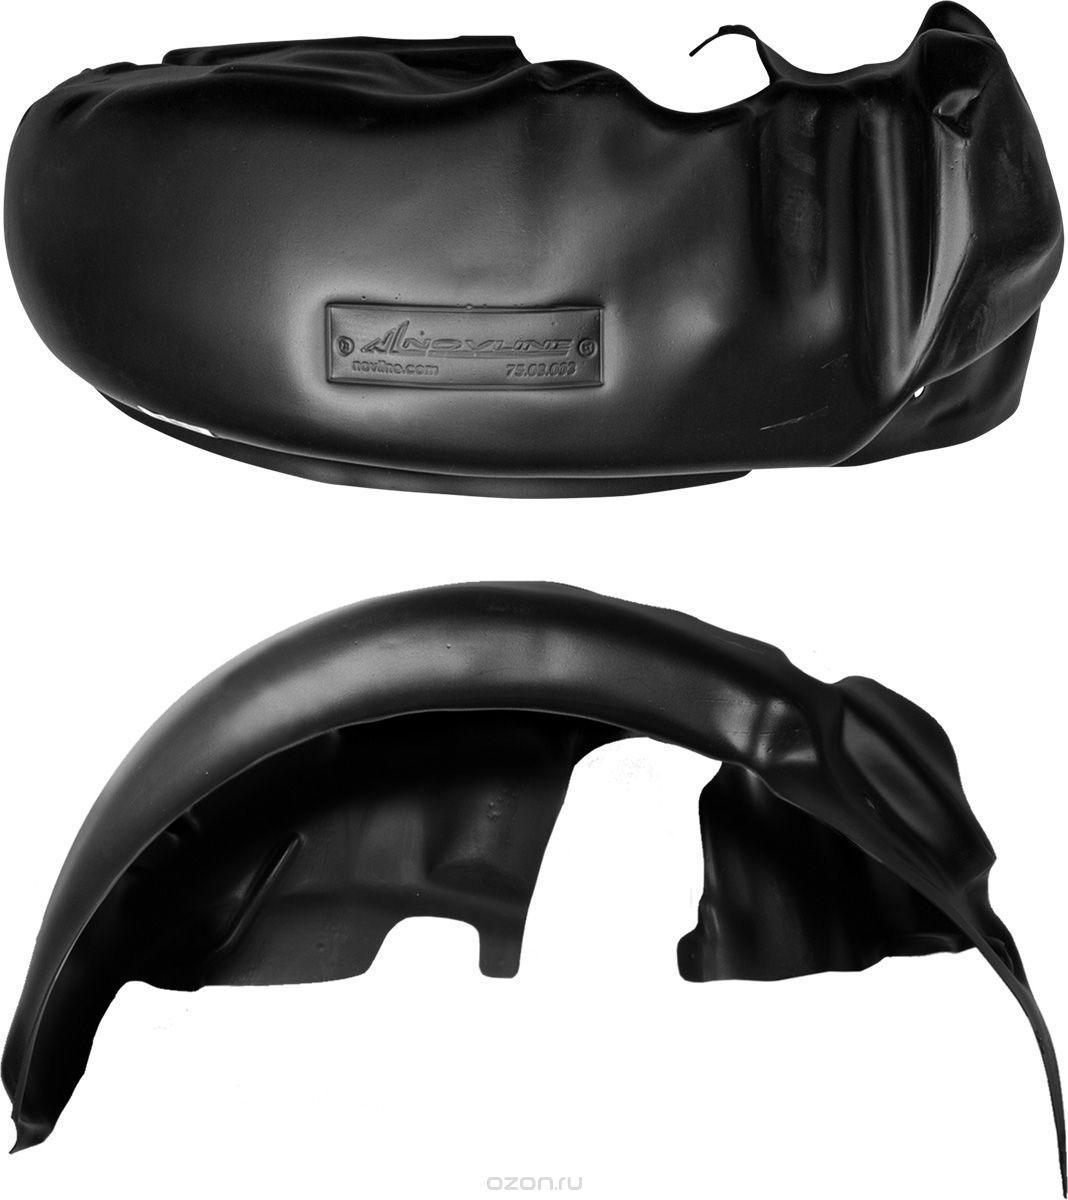 Подкрылок Novline-Autofamily, для HYUNDAI i20 2009->, задний правыйNLL.20.32.004Идеальная защита колесной ниши. Локеры разработаны с применением цифровых технологий, гарантируют максимальную повторяемость поверхности арки. Изделия устанавливаются без нарушения лакокрасочного покрытия автомобиля, каждый подкрылок комплектуется крепежом. Уважаемые клиенты, обращаем ваше внимание, что фотографии на подкрылки универсальные и не отражают реальную форму изделия. При этом само изделие идет точно под размер указанного автомобиля.